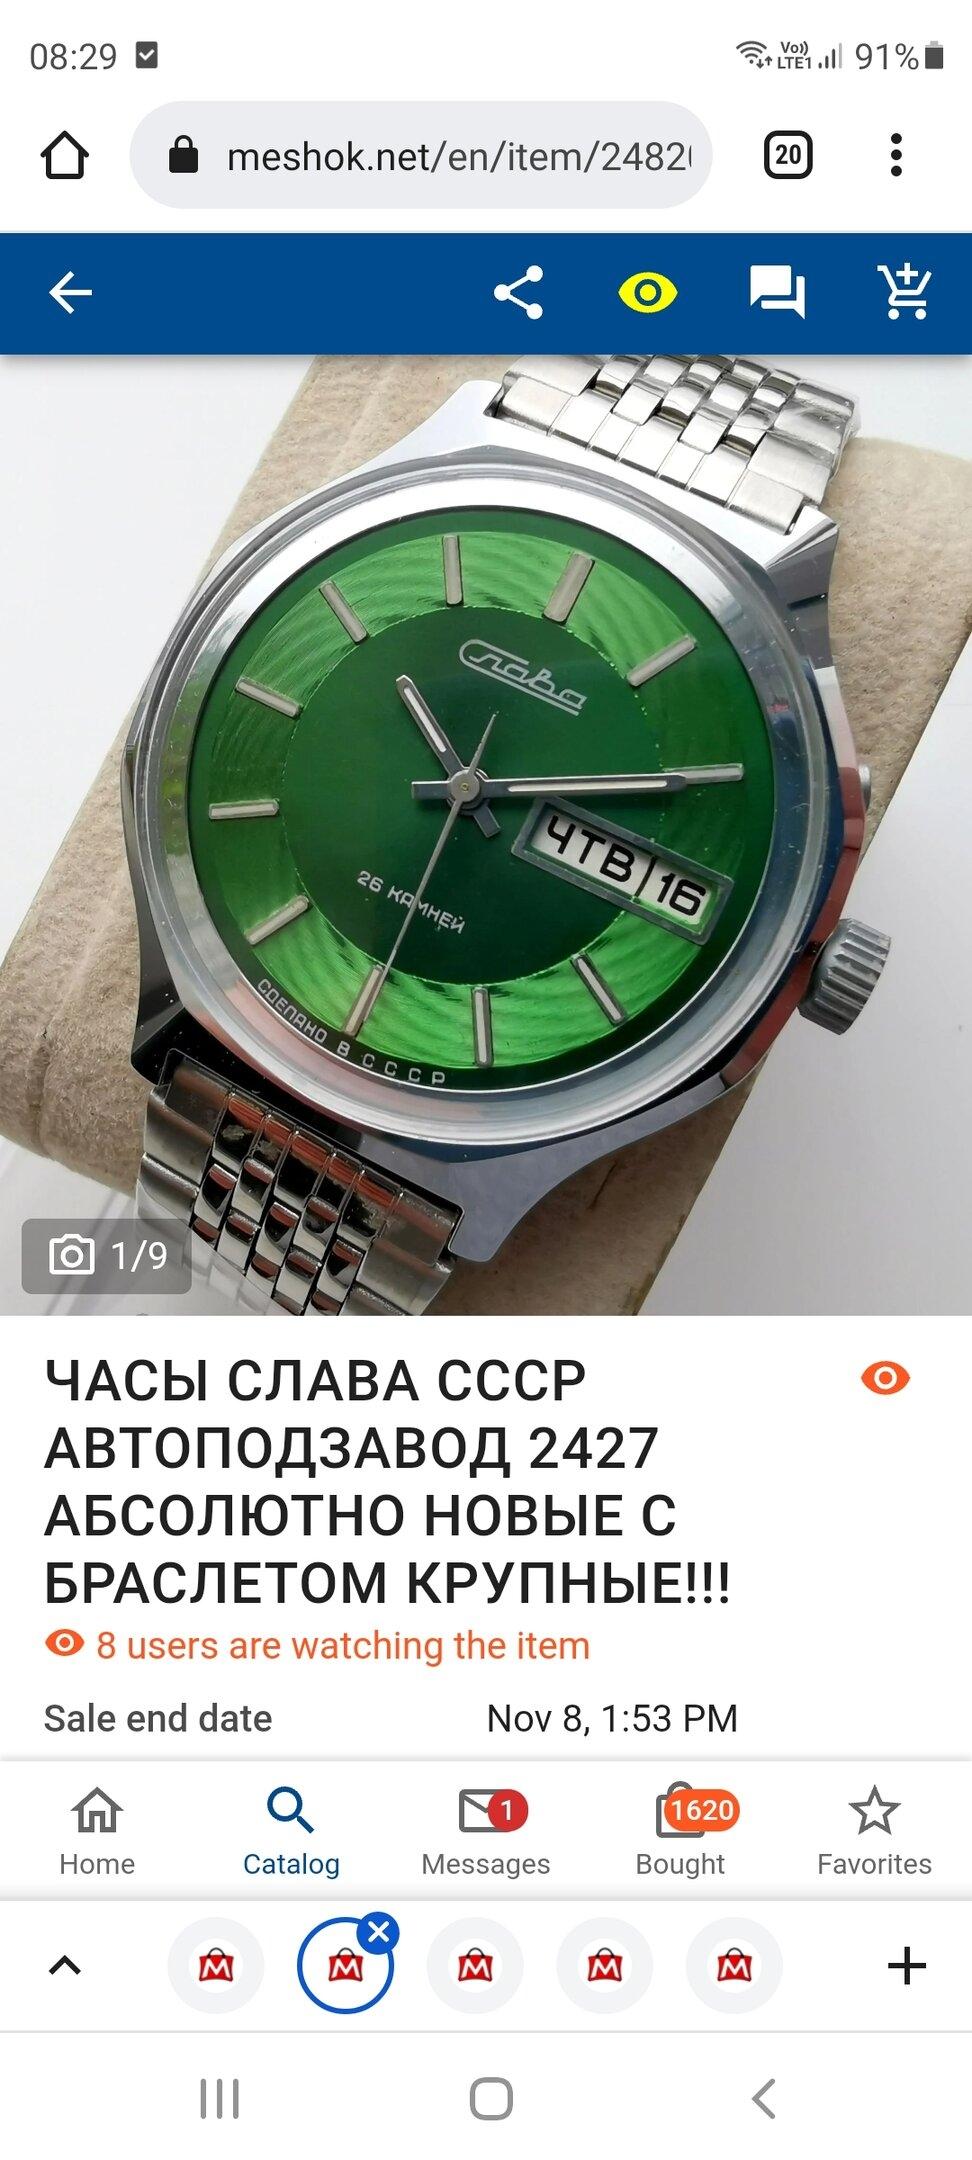 Screenshot_20211015-082943_Chrome.jpg